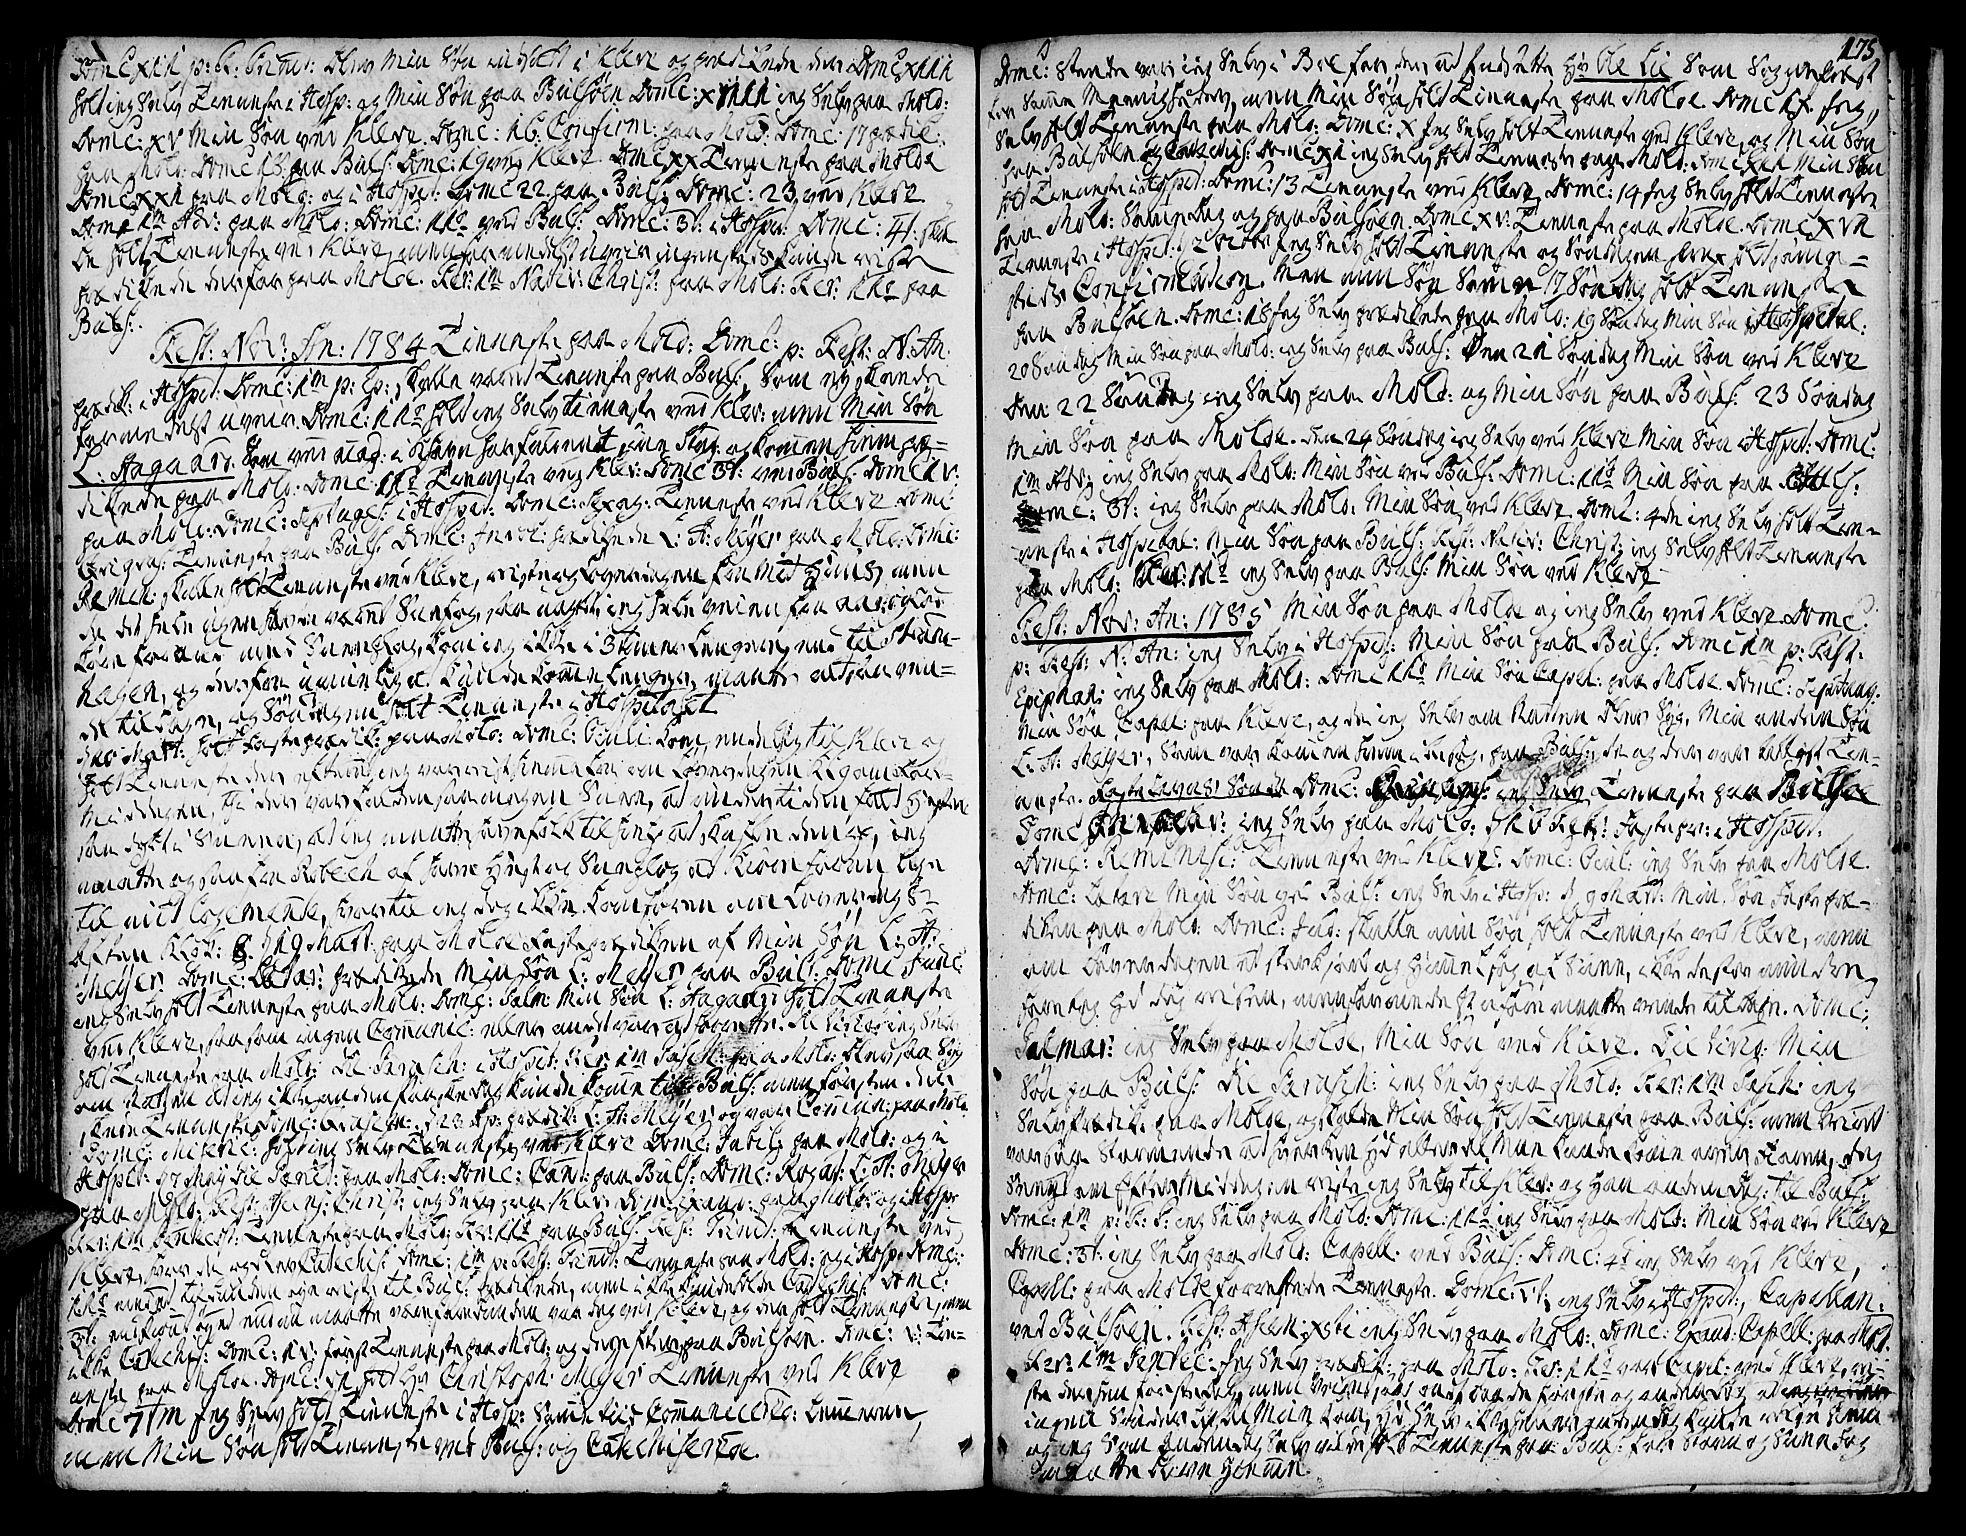 SAT, Ministerialprotokoller, klokkerbøker og fødselsregistre - Møre og Romsdal, 555/L0648: Ministerialbok nr. 555A01, 1759-1793, s. 175